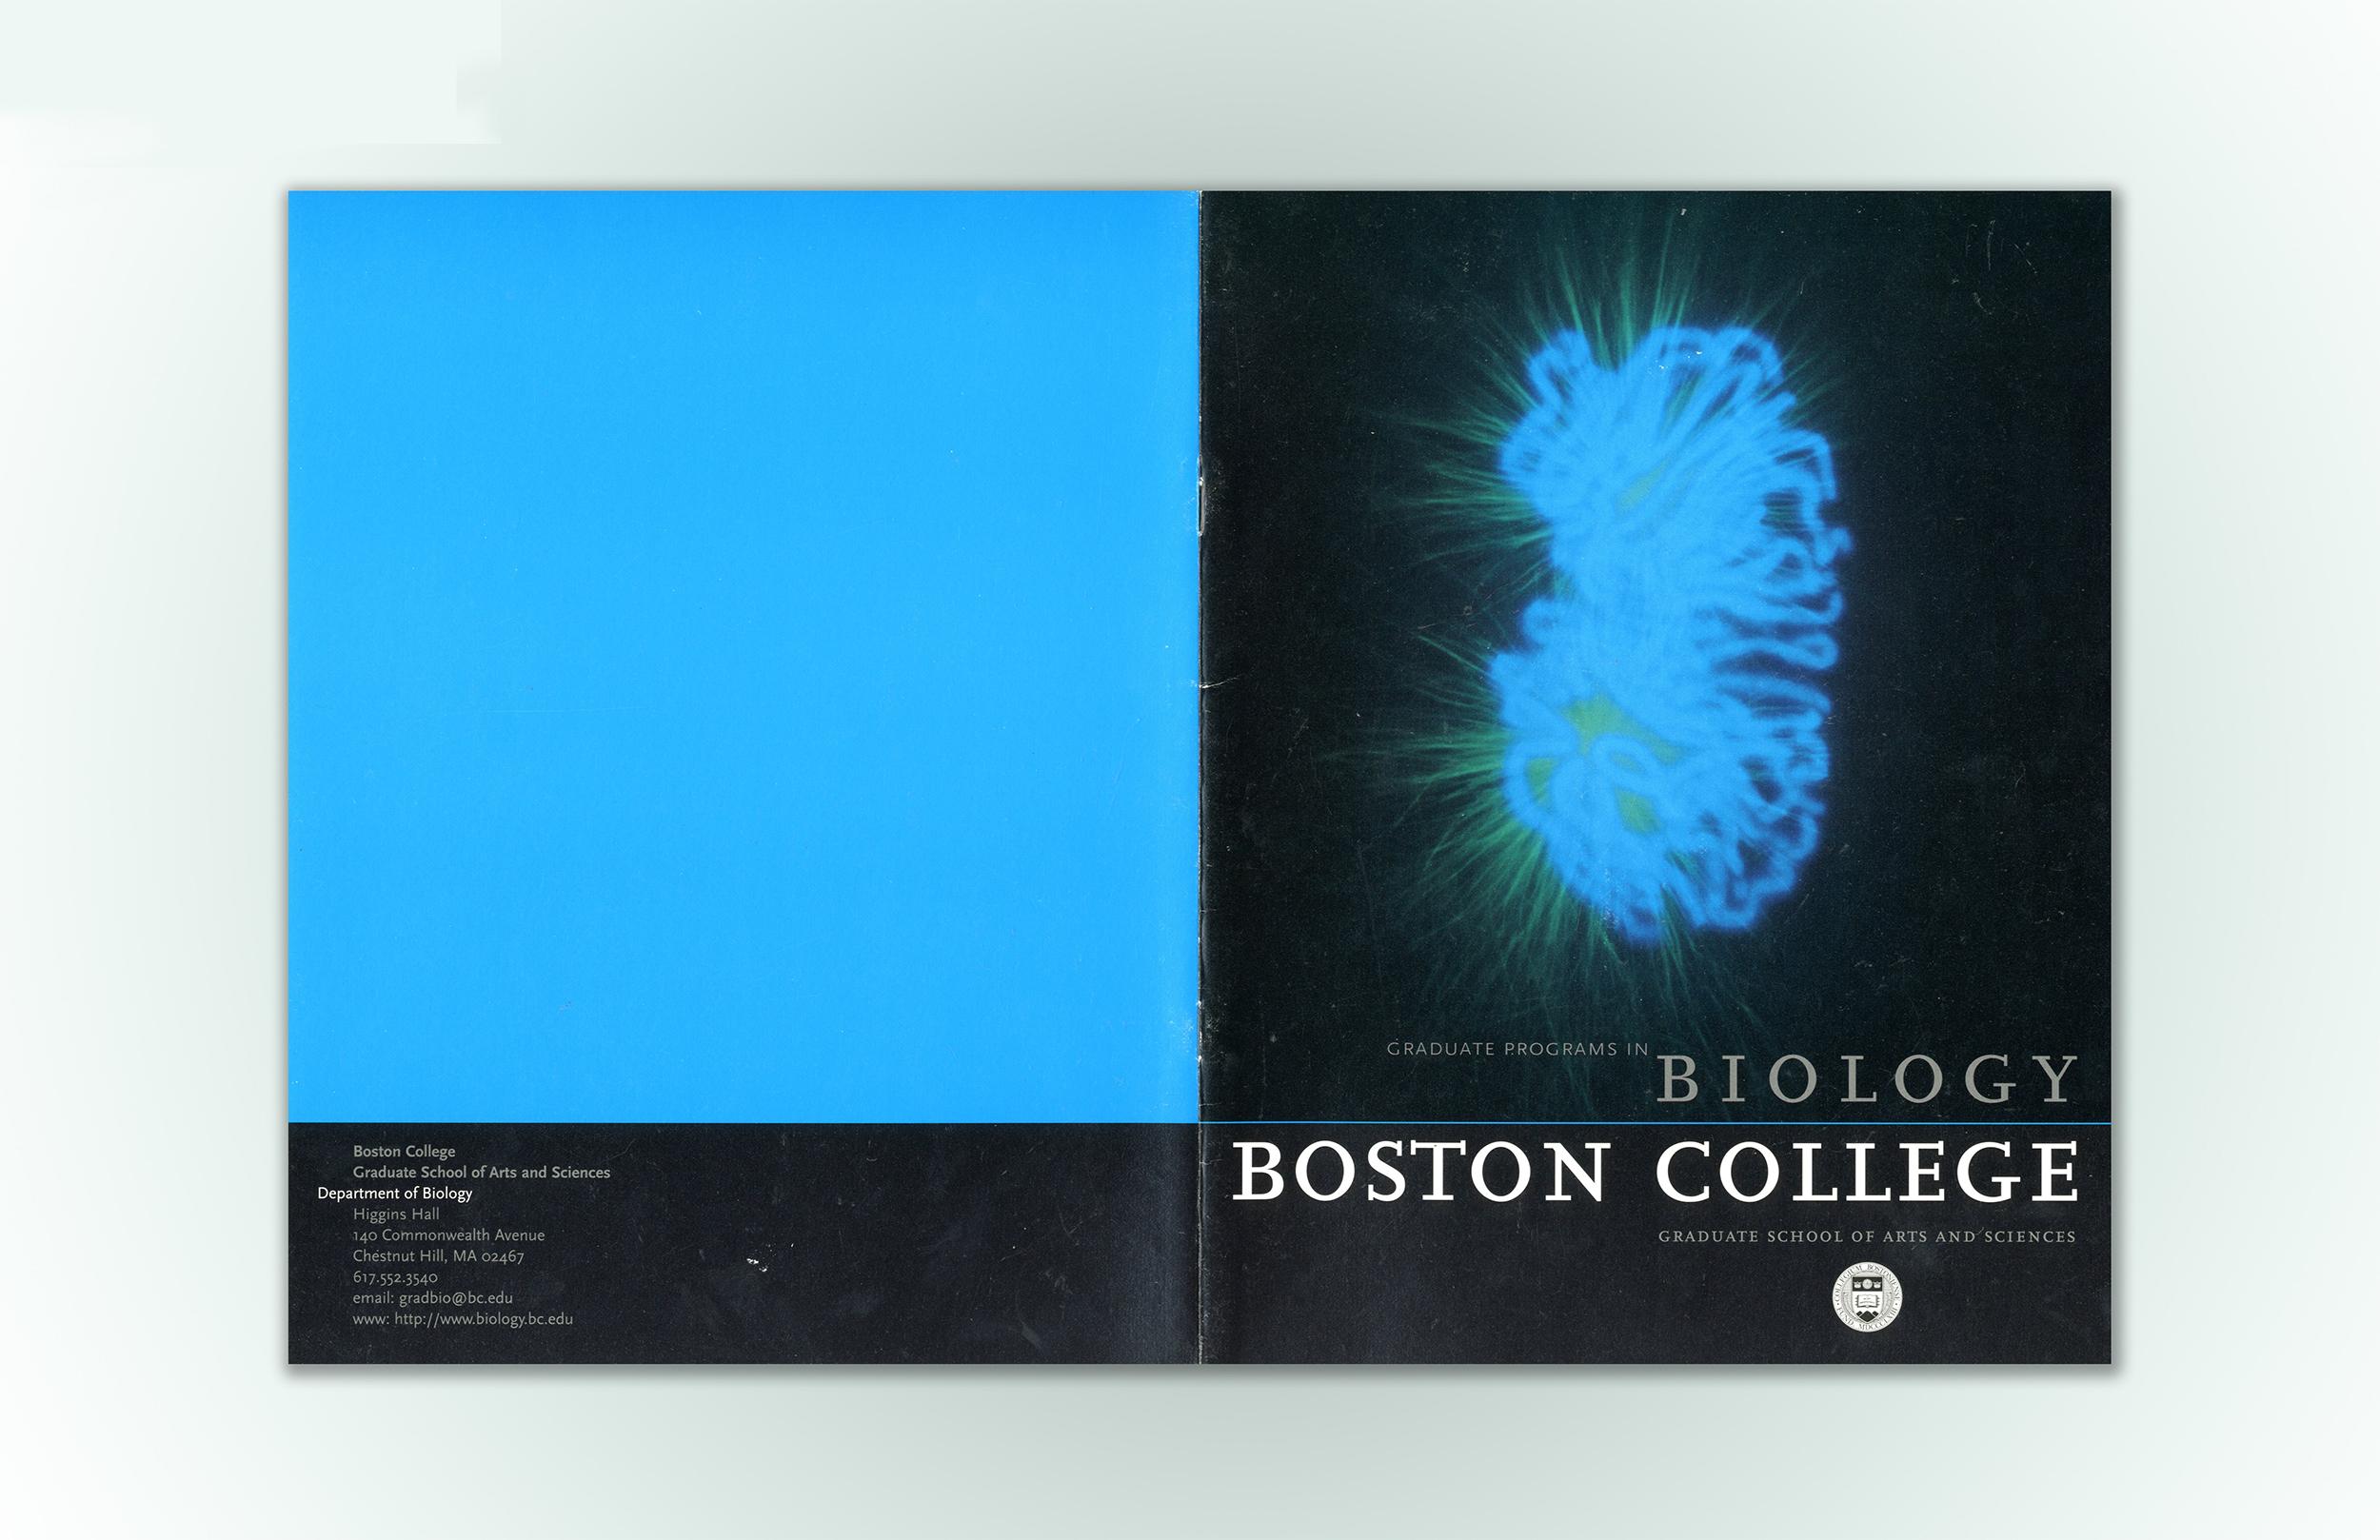 BC_biology.jpg